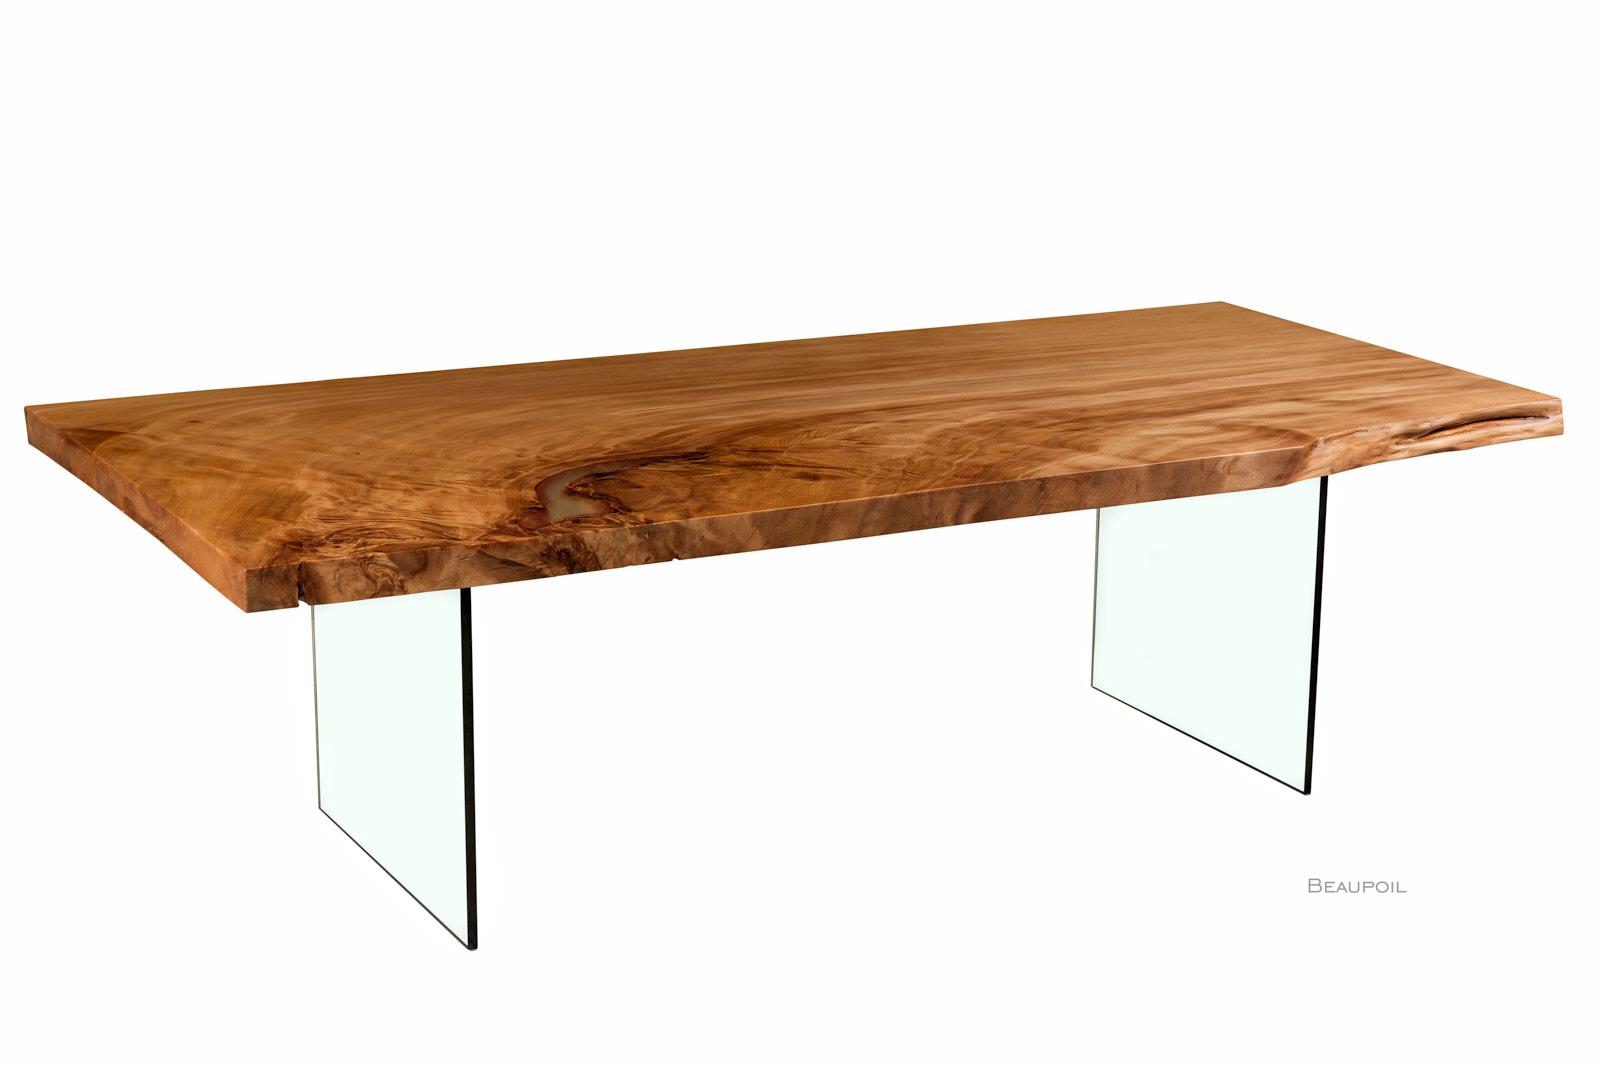 Moderner Designtisch aus der Wurzel eines Kauri Baumes, einzigartiger Holztisch mit Glasfüßen und außergewöhnlicher Maserung